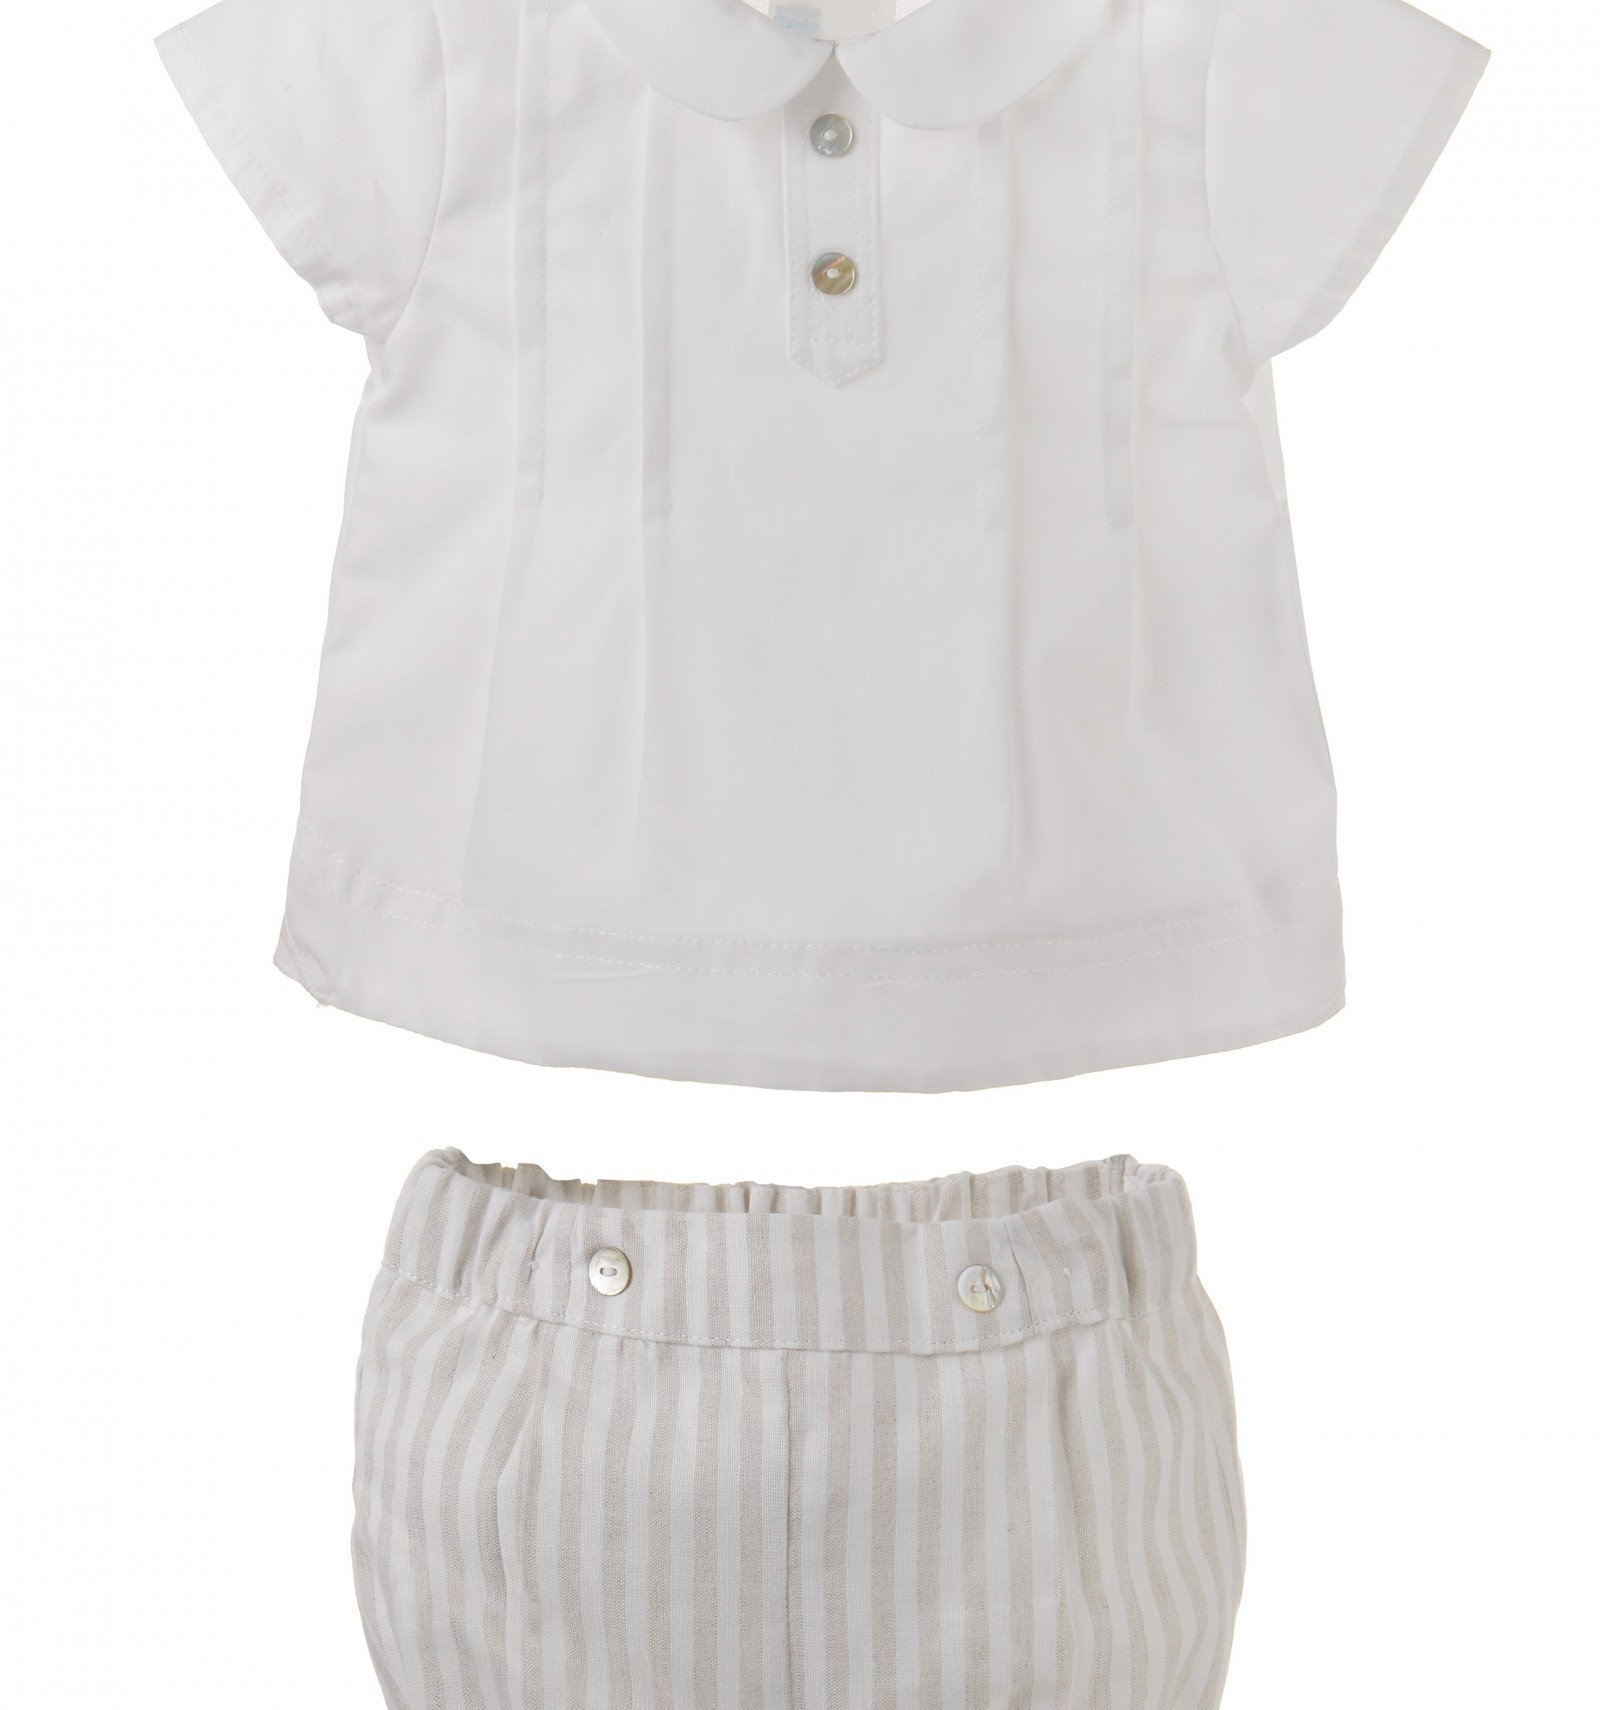 9ea1208b65f Conjunto para bebe niño de camisa y ranita.Coleccion ropa bebe 2016